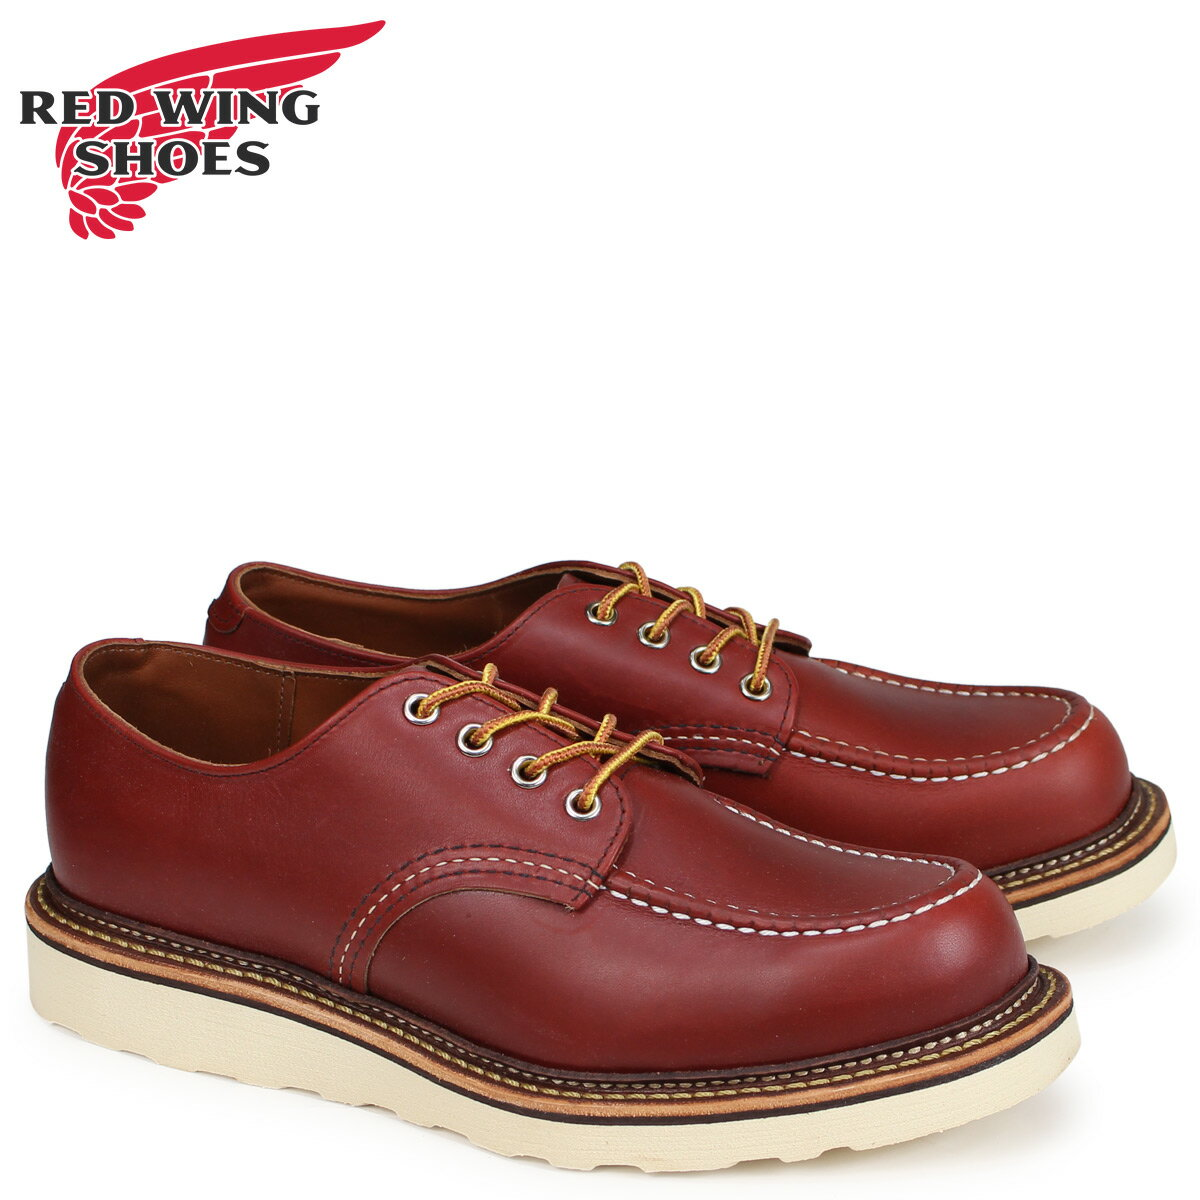 レッドウィング RED WING オックスフォード シューズ CLASSIC OXFORD Dワイズ メンズ ブラウン 8103